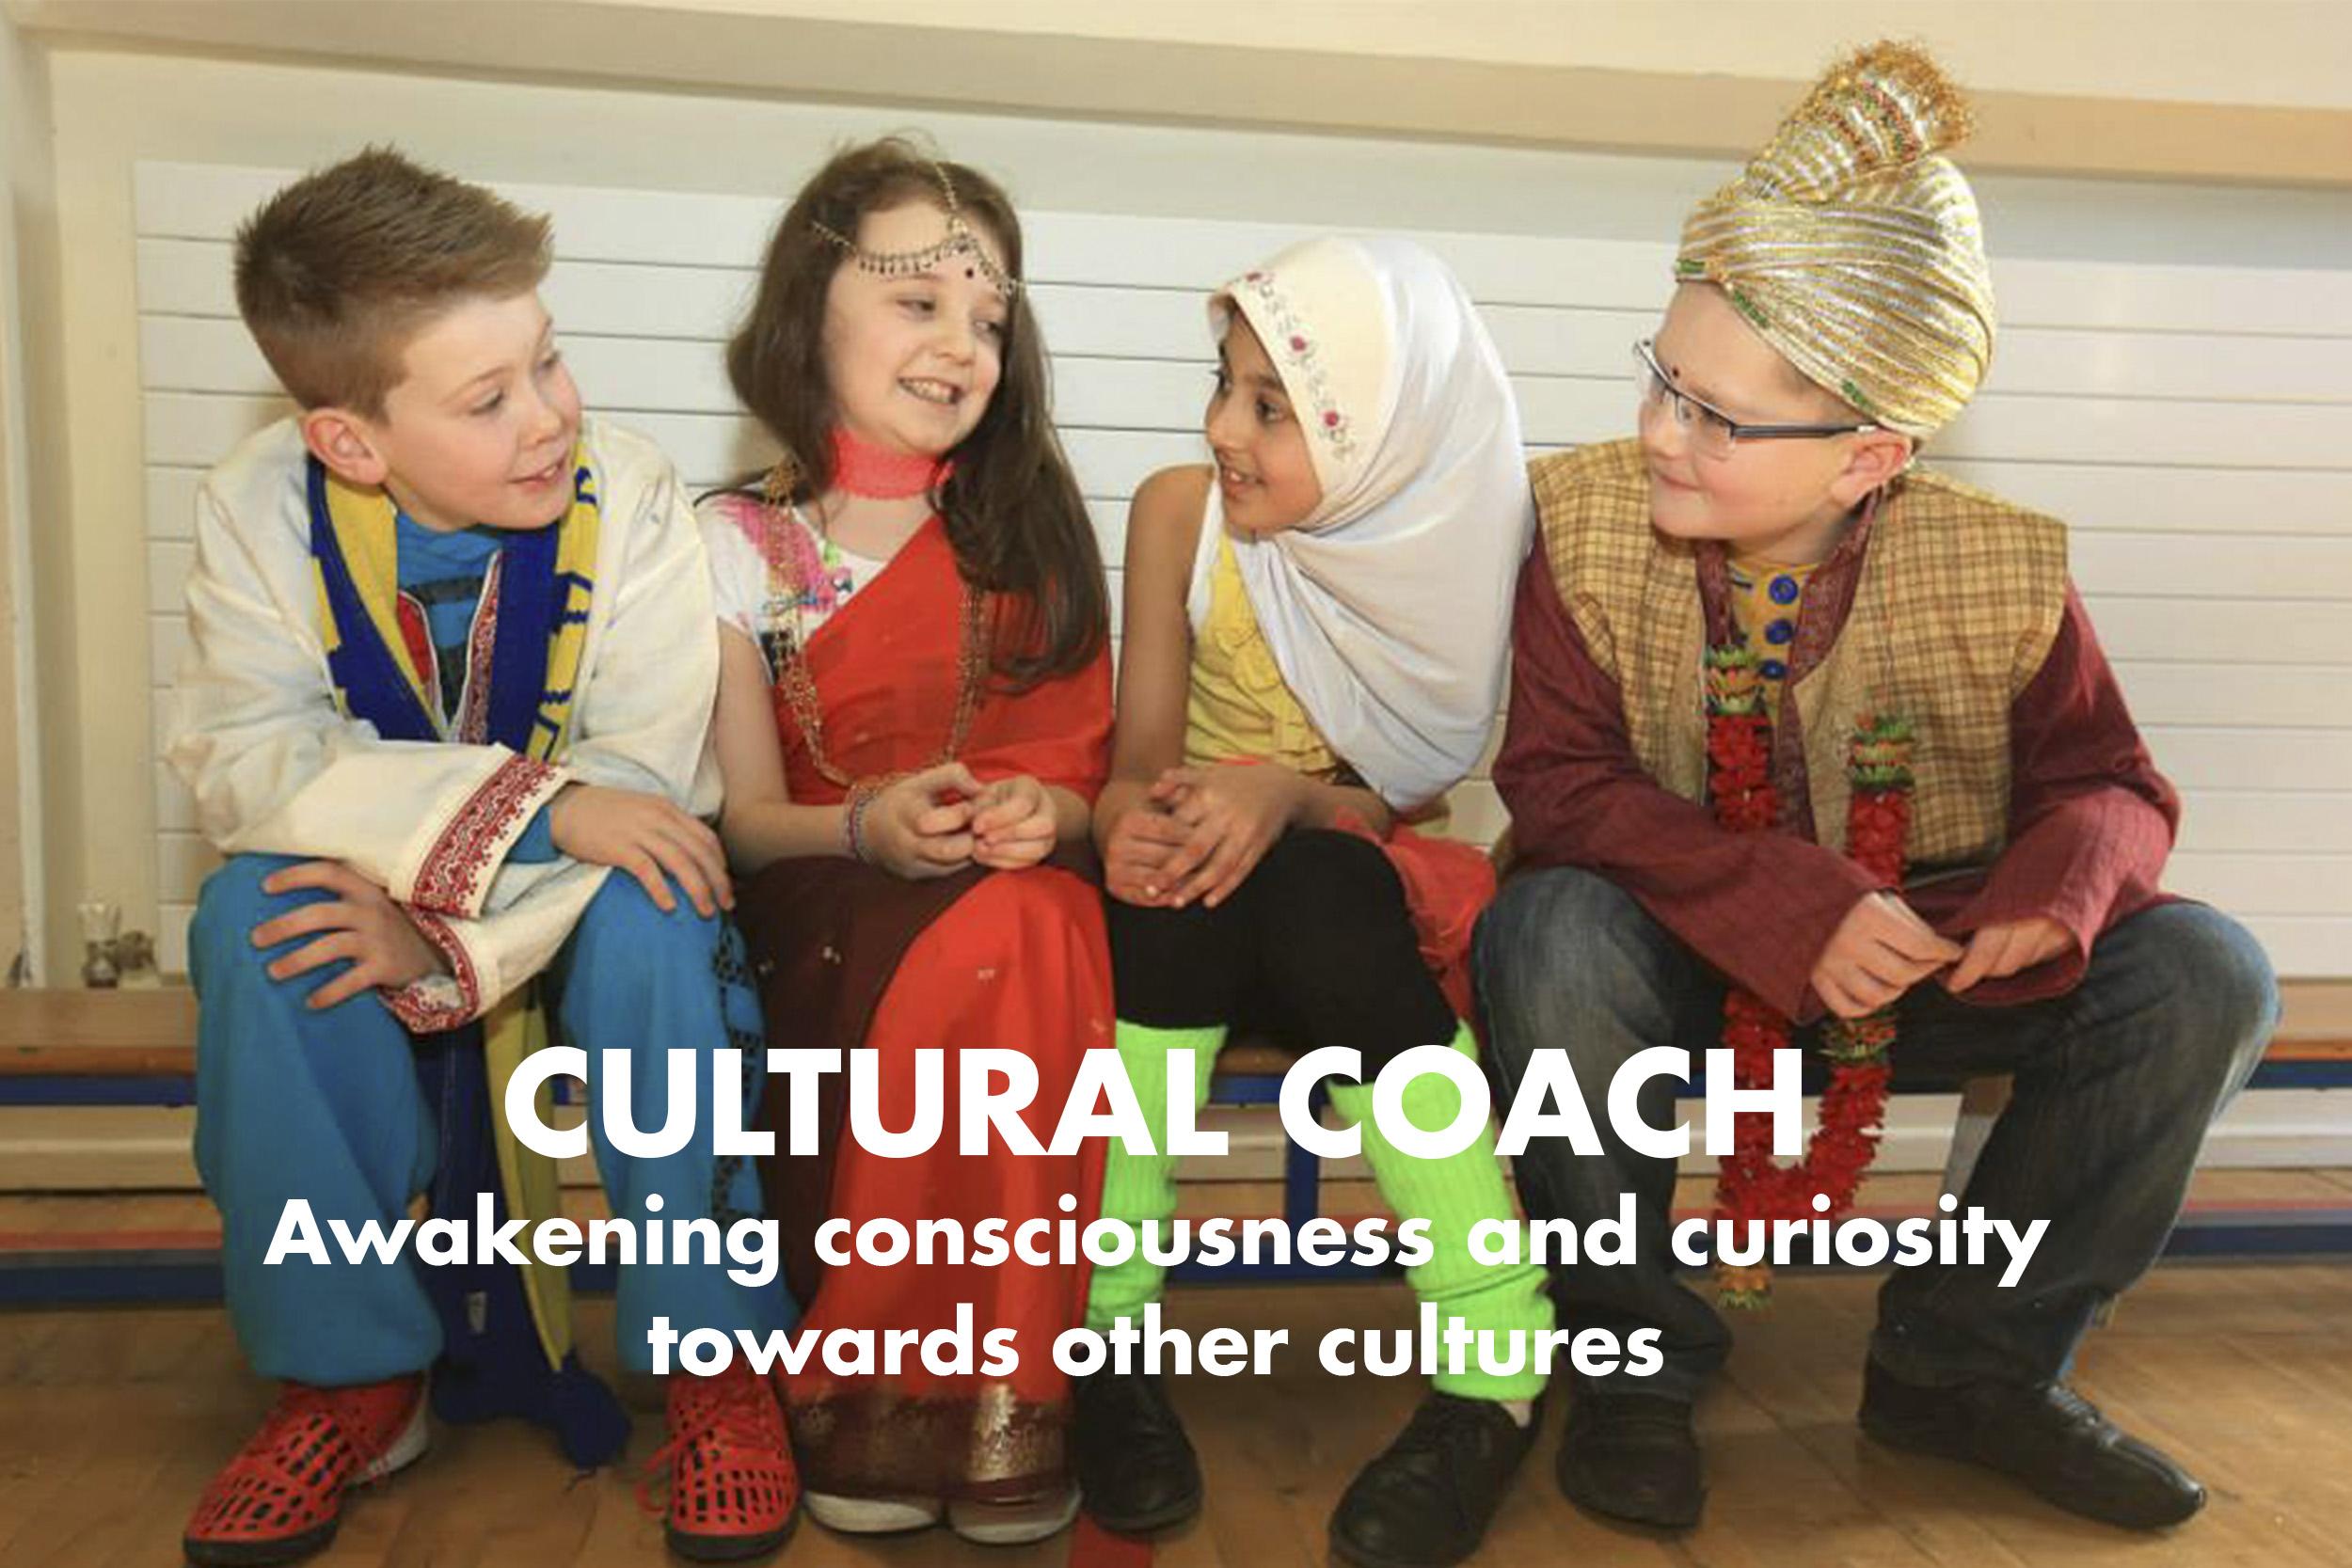 Cultural Coach.jpg